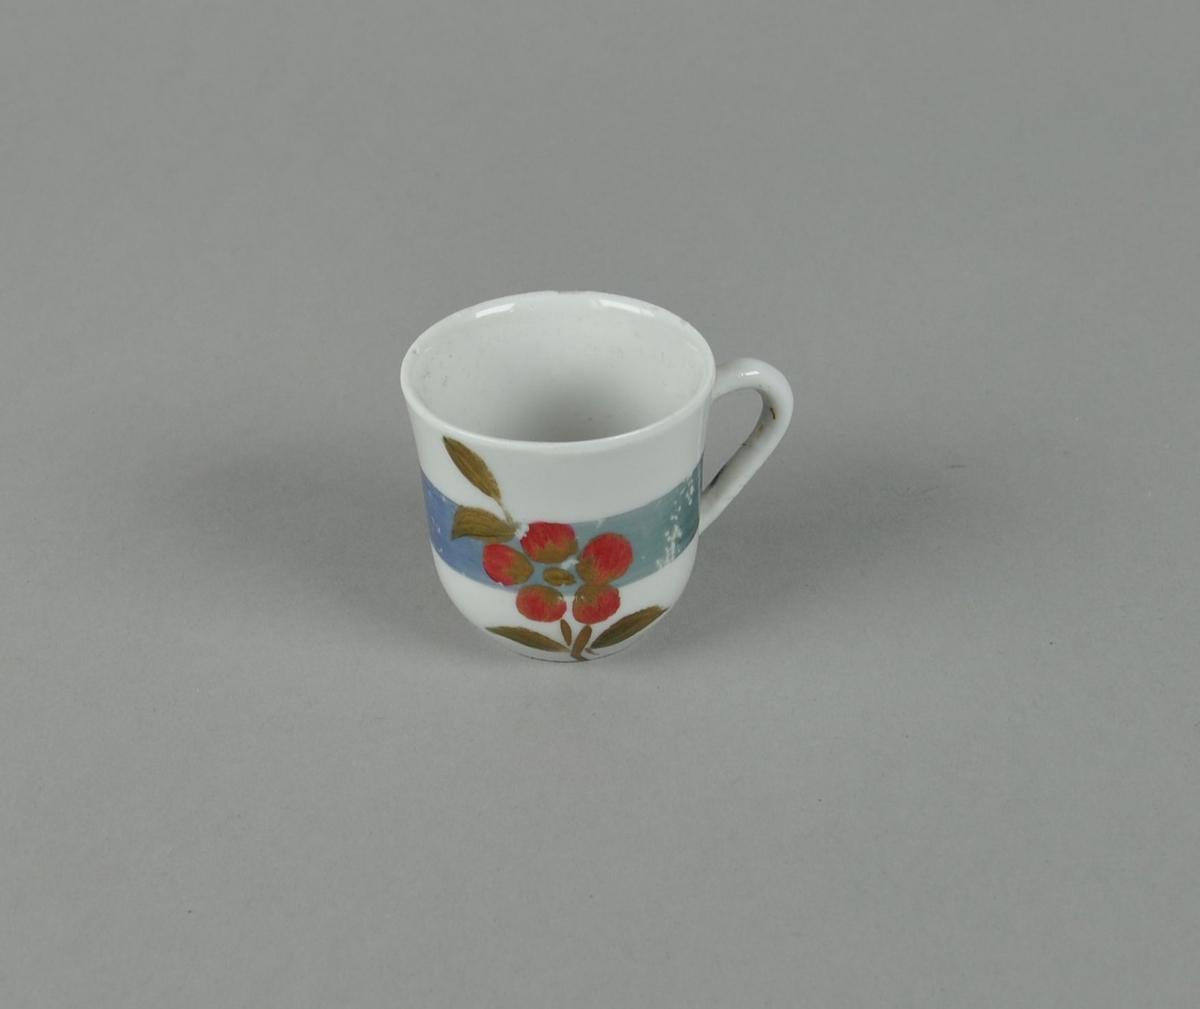 Kopp av glassert keramikk. Koppen har malt dekor av blå stripe og røde blomster. Koppen har hank.